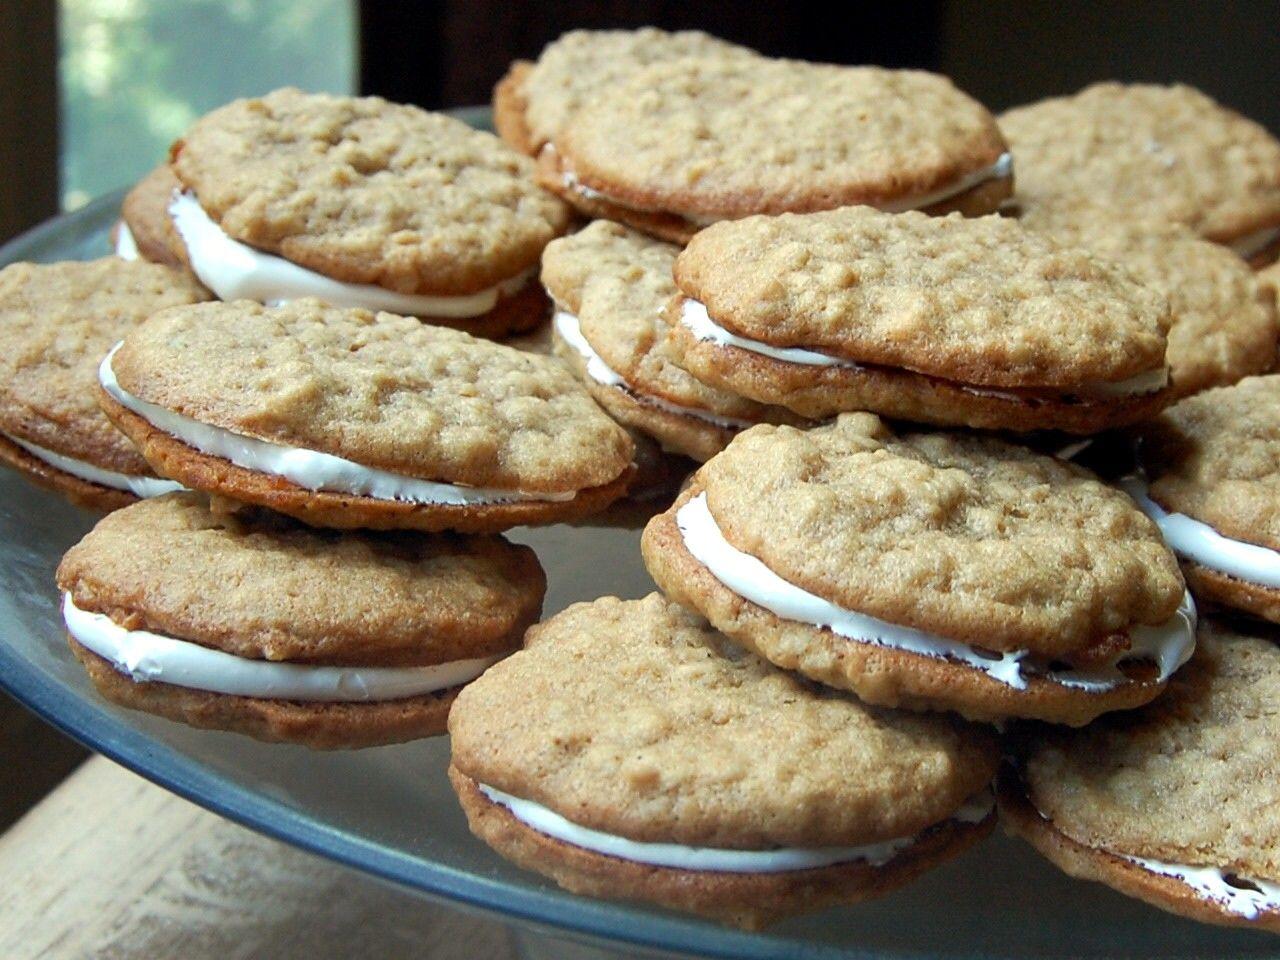 Cassie Craves: Oatmeal Crème Pies